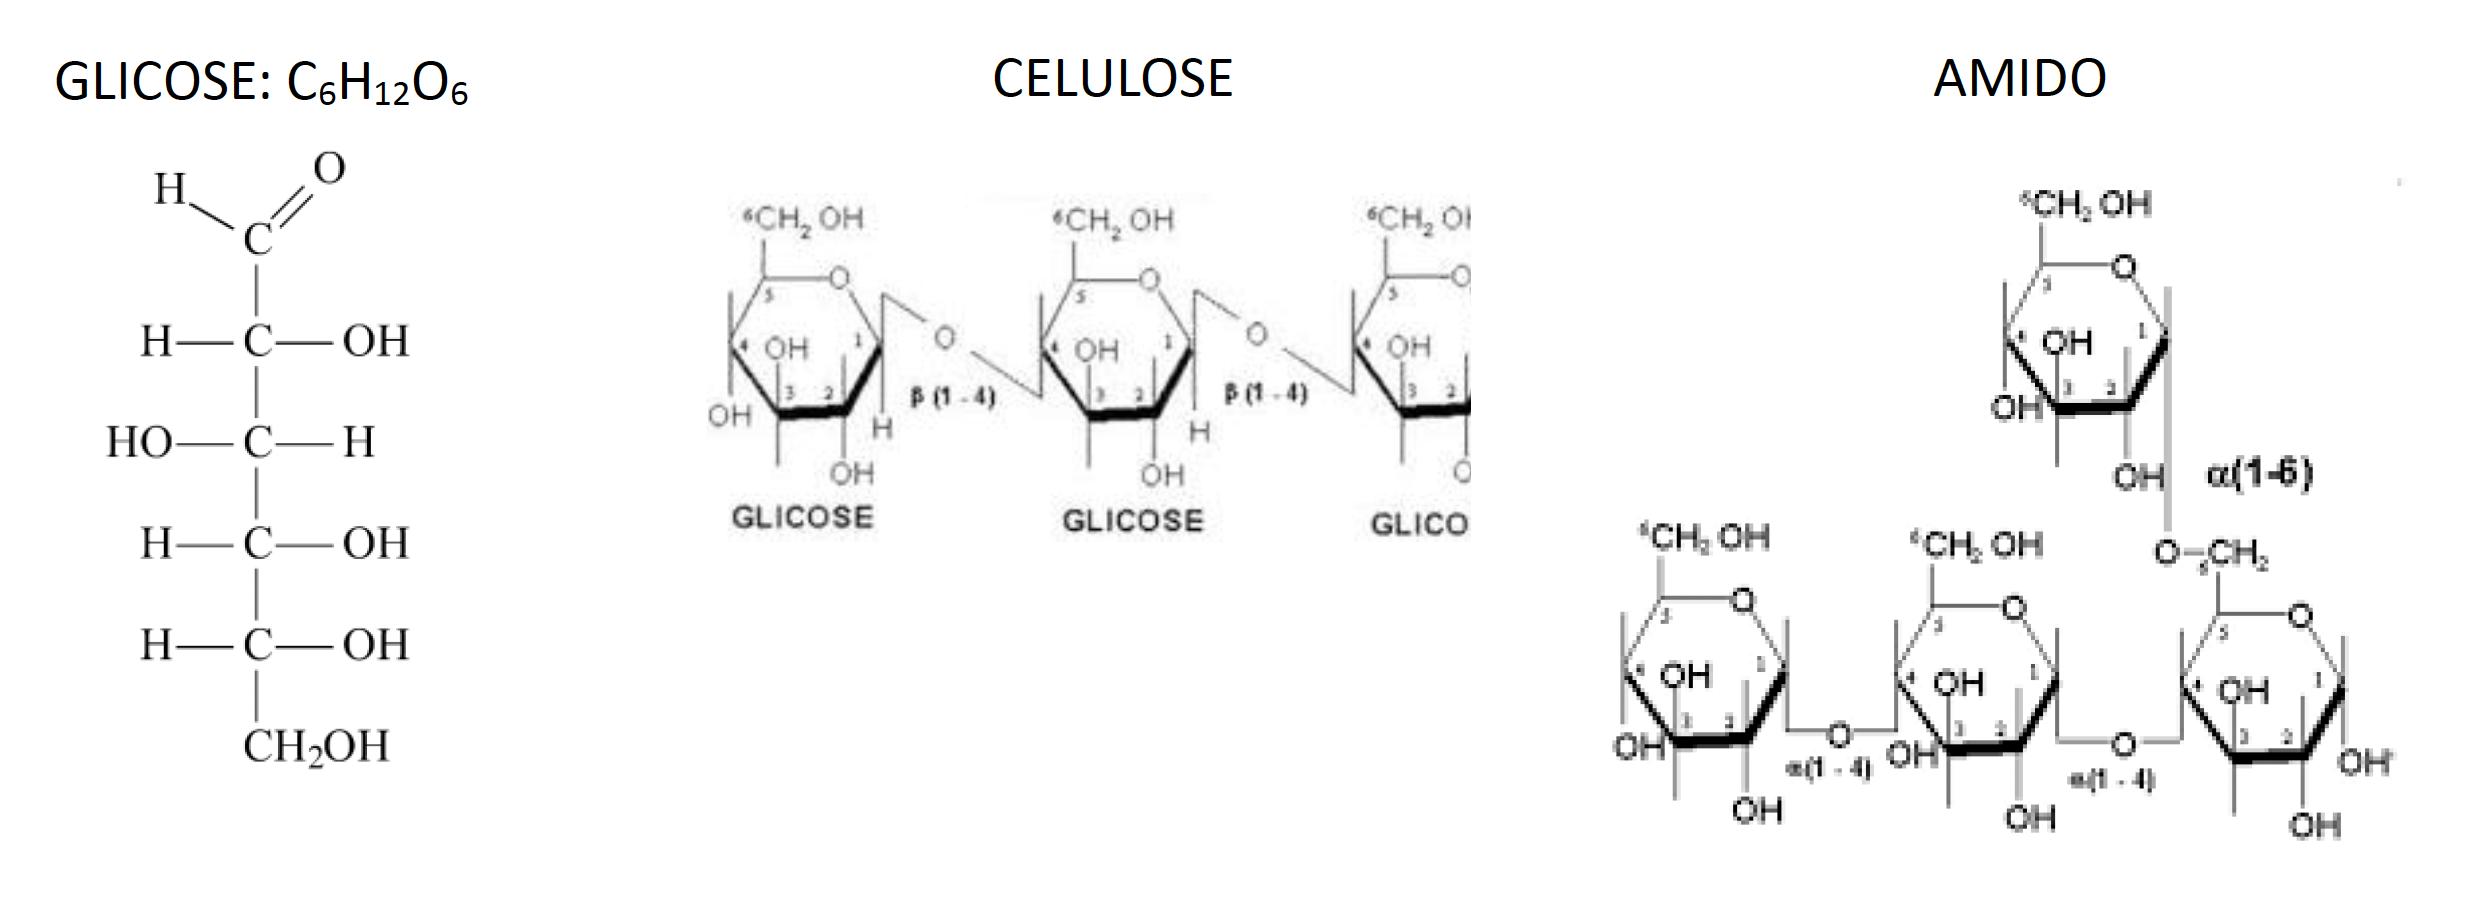 nutrientes: glicose, celulose e amido